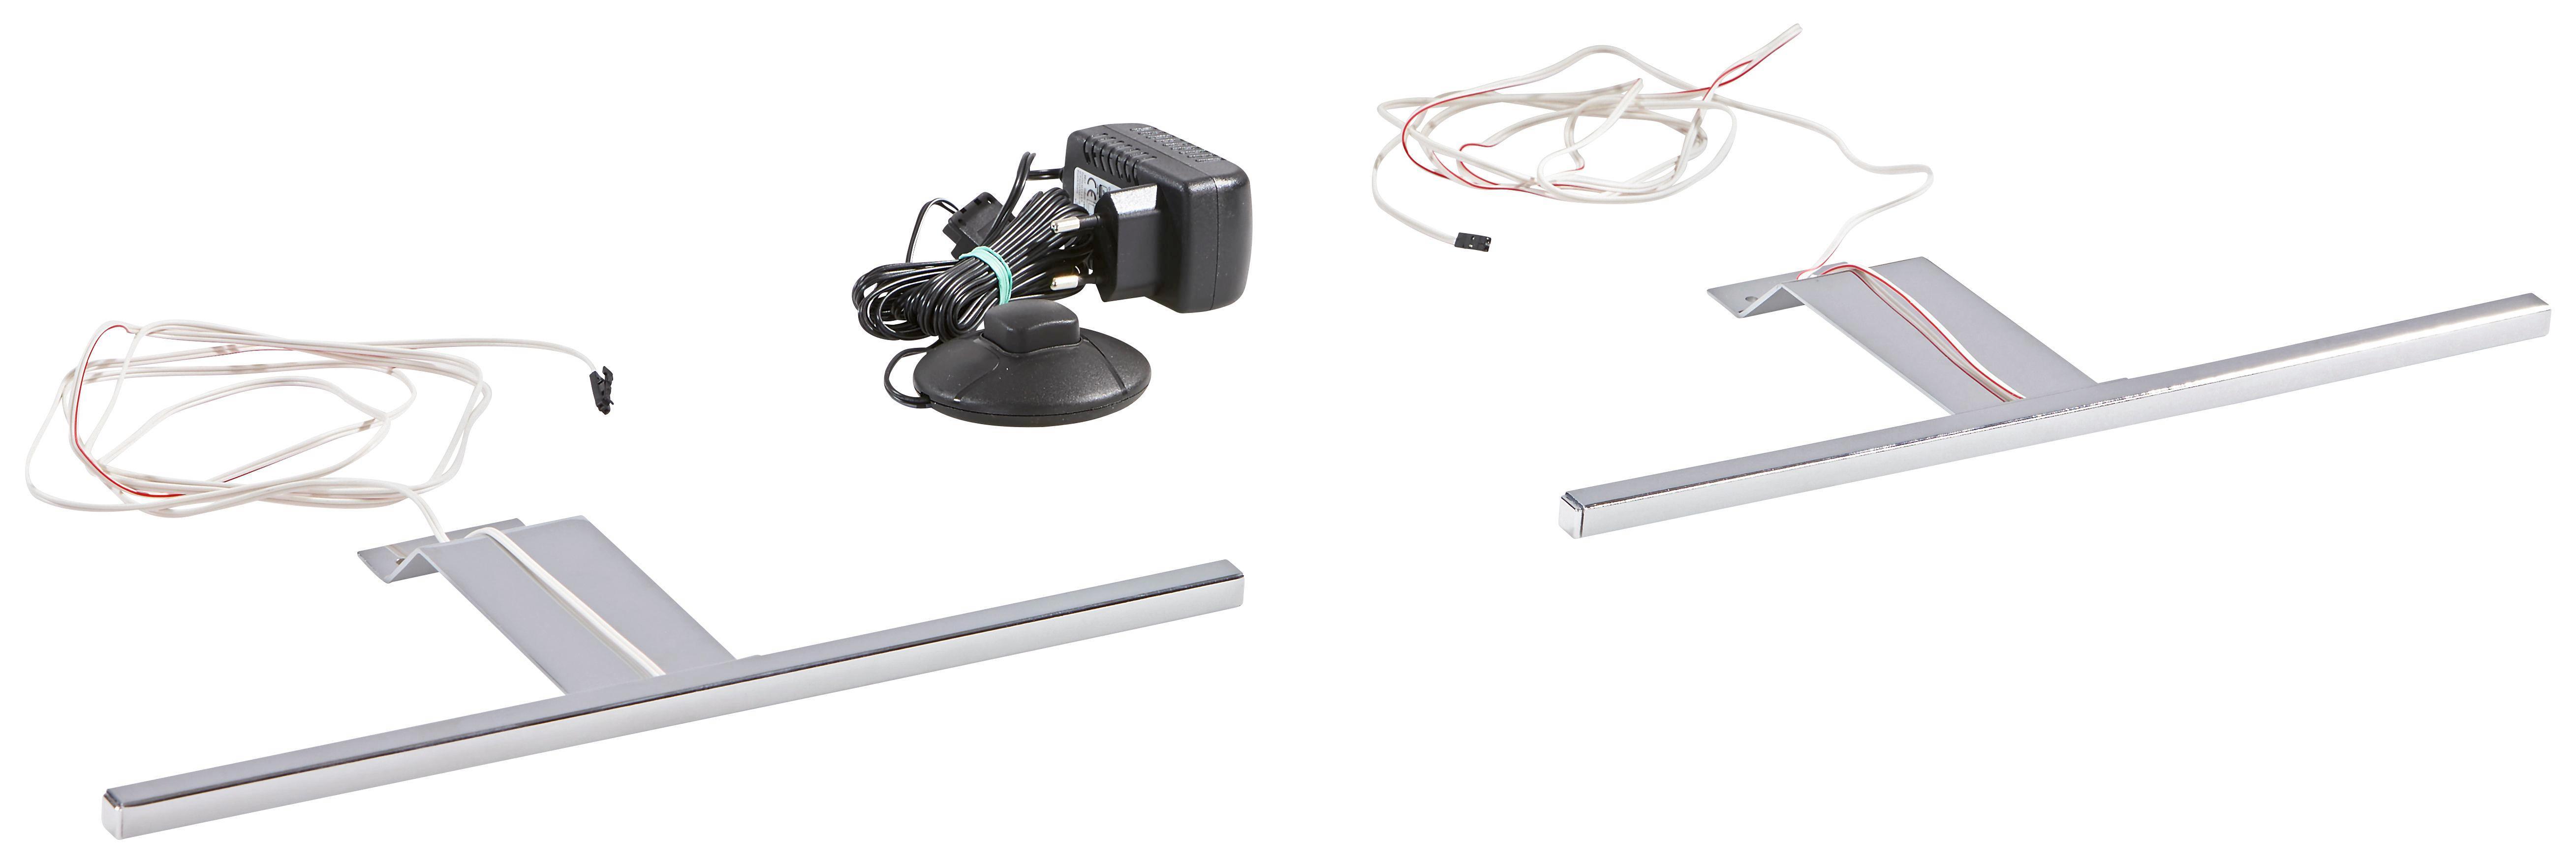 Spiegelleuchte mit fixer LED online kaufen